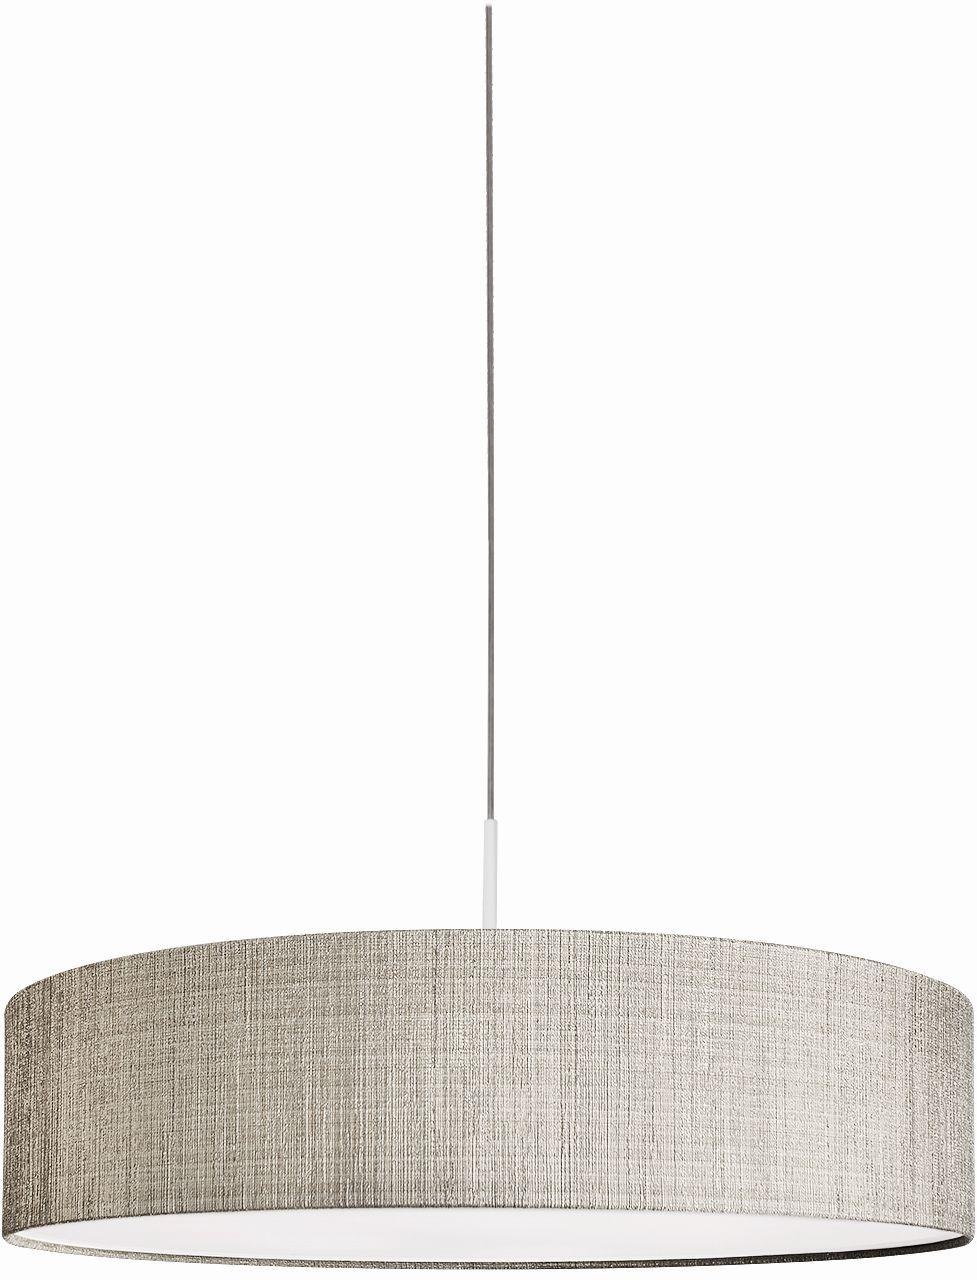 Lampa wisząca Turda 8947 Nowodvorski Lighting minimalistyczna okrągła oprawa w kolorze szarym